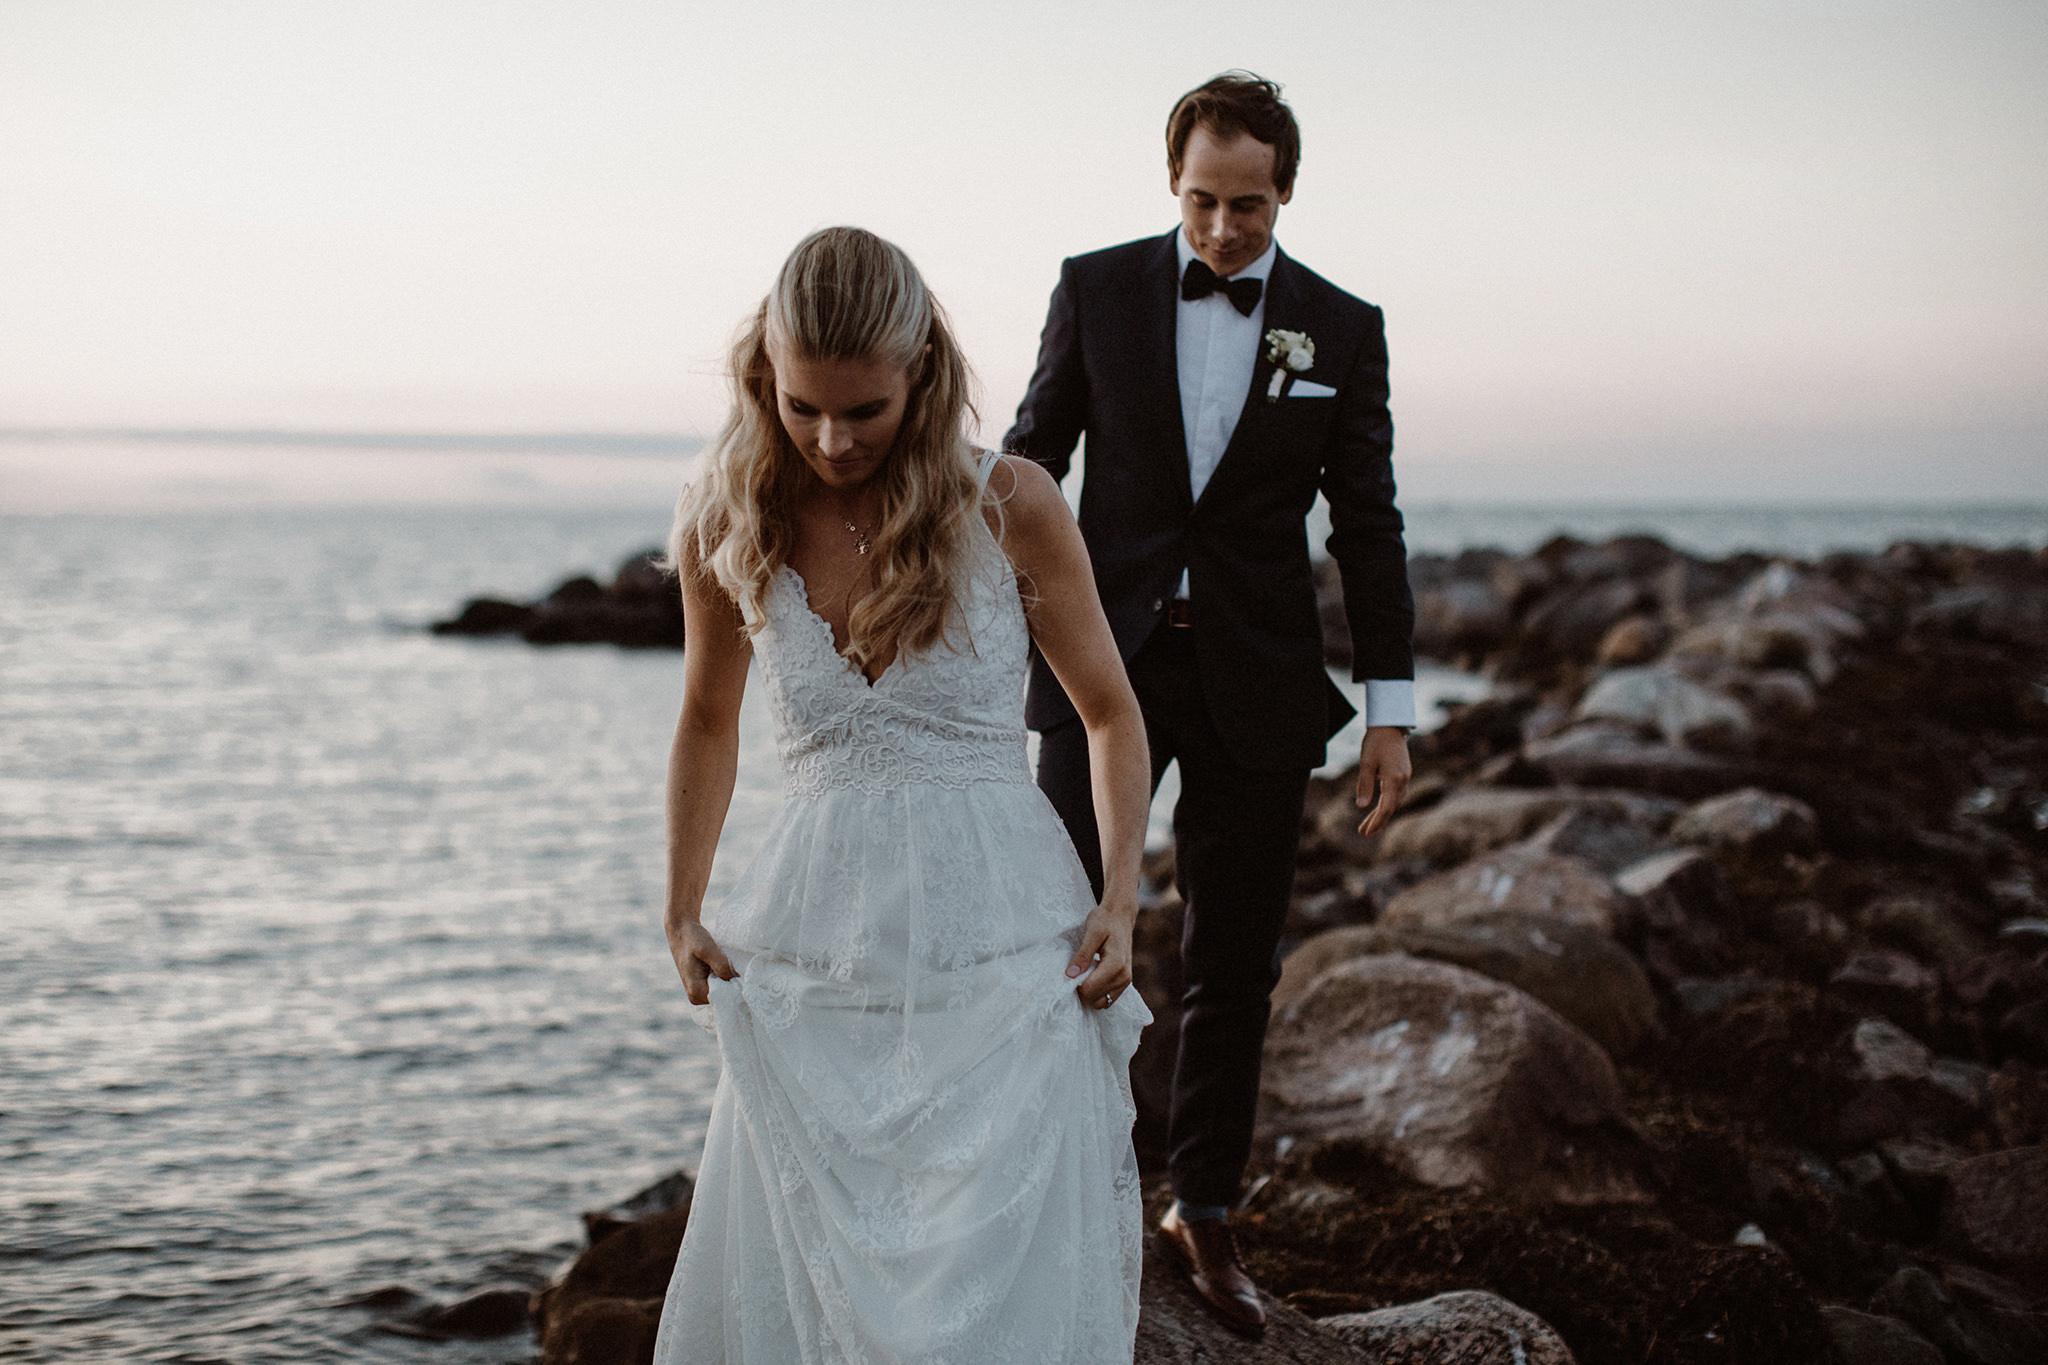 hochzeitsfotografie-kiel-norddeutschland-ostsee-afterwedding-31